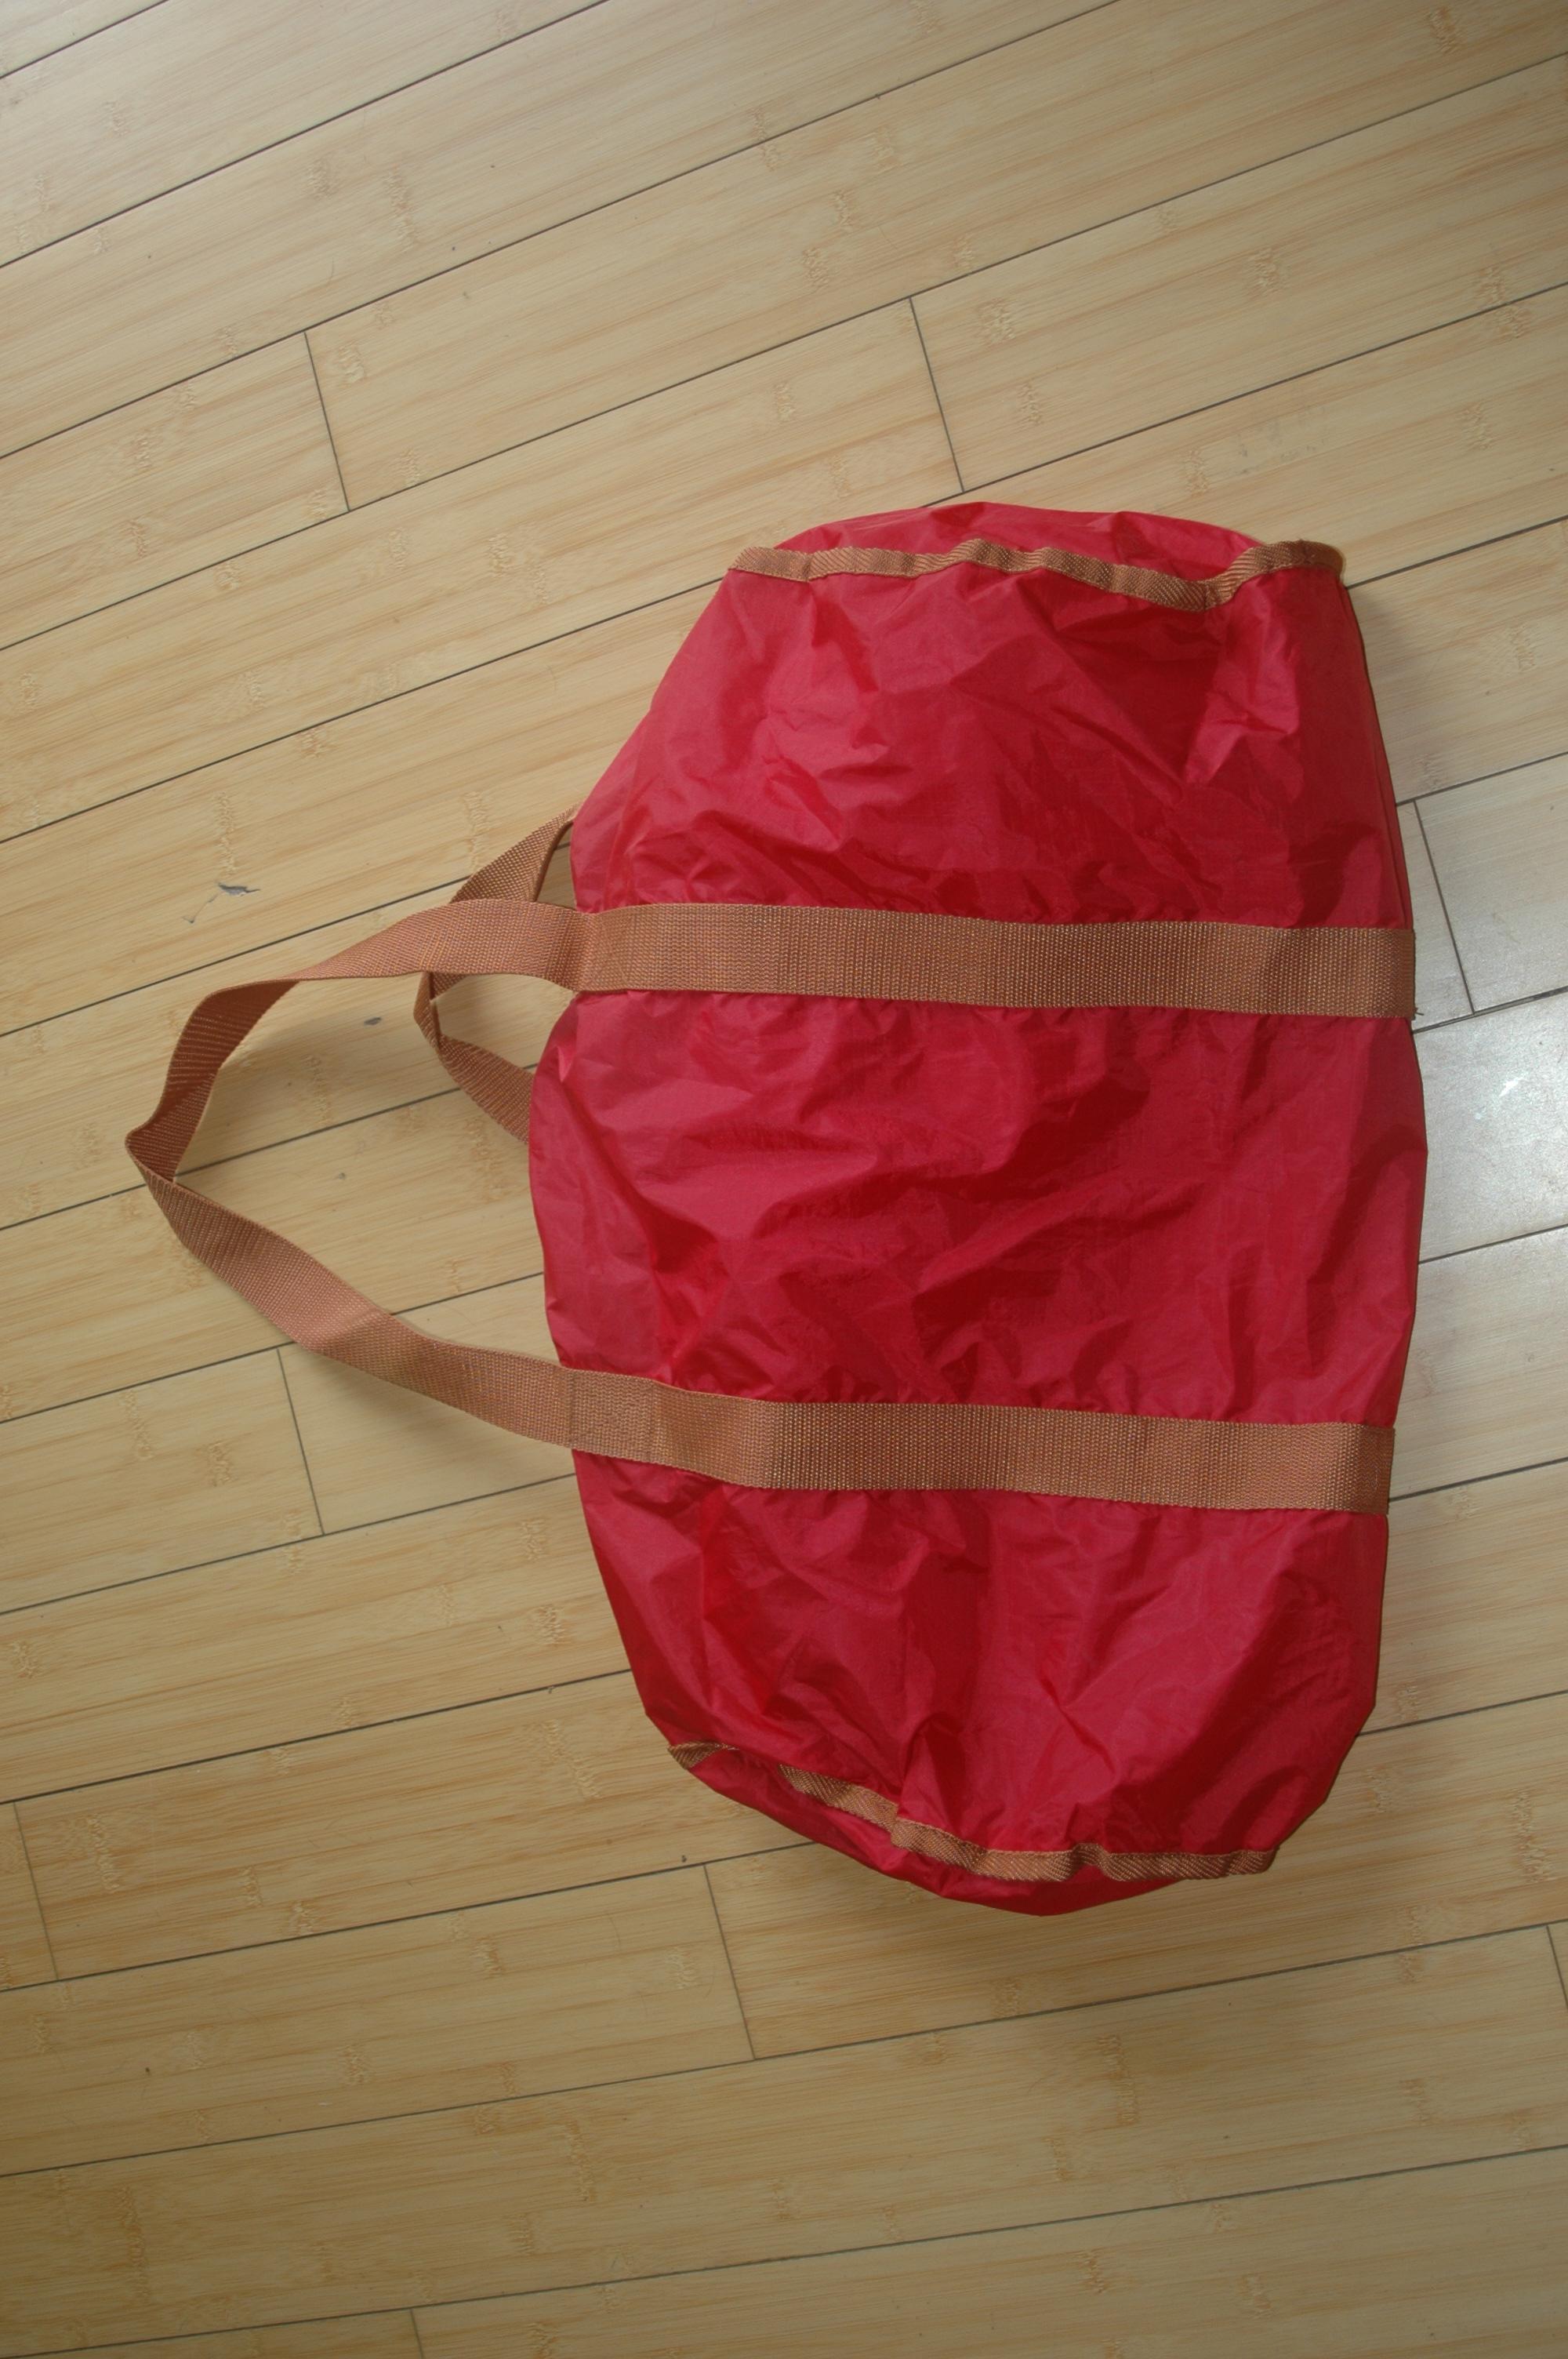 troc de troc sac nylon pliable de dépannage image 0